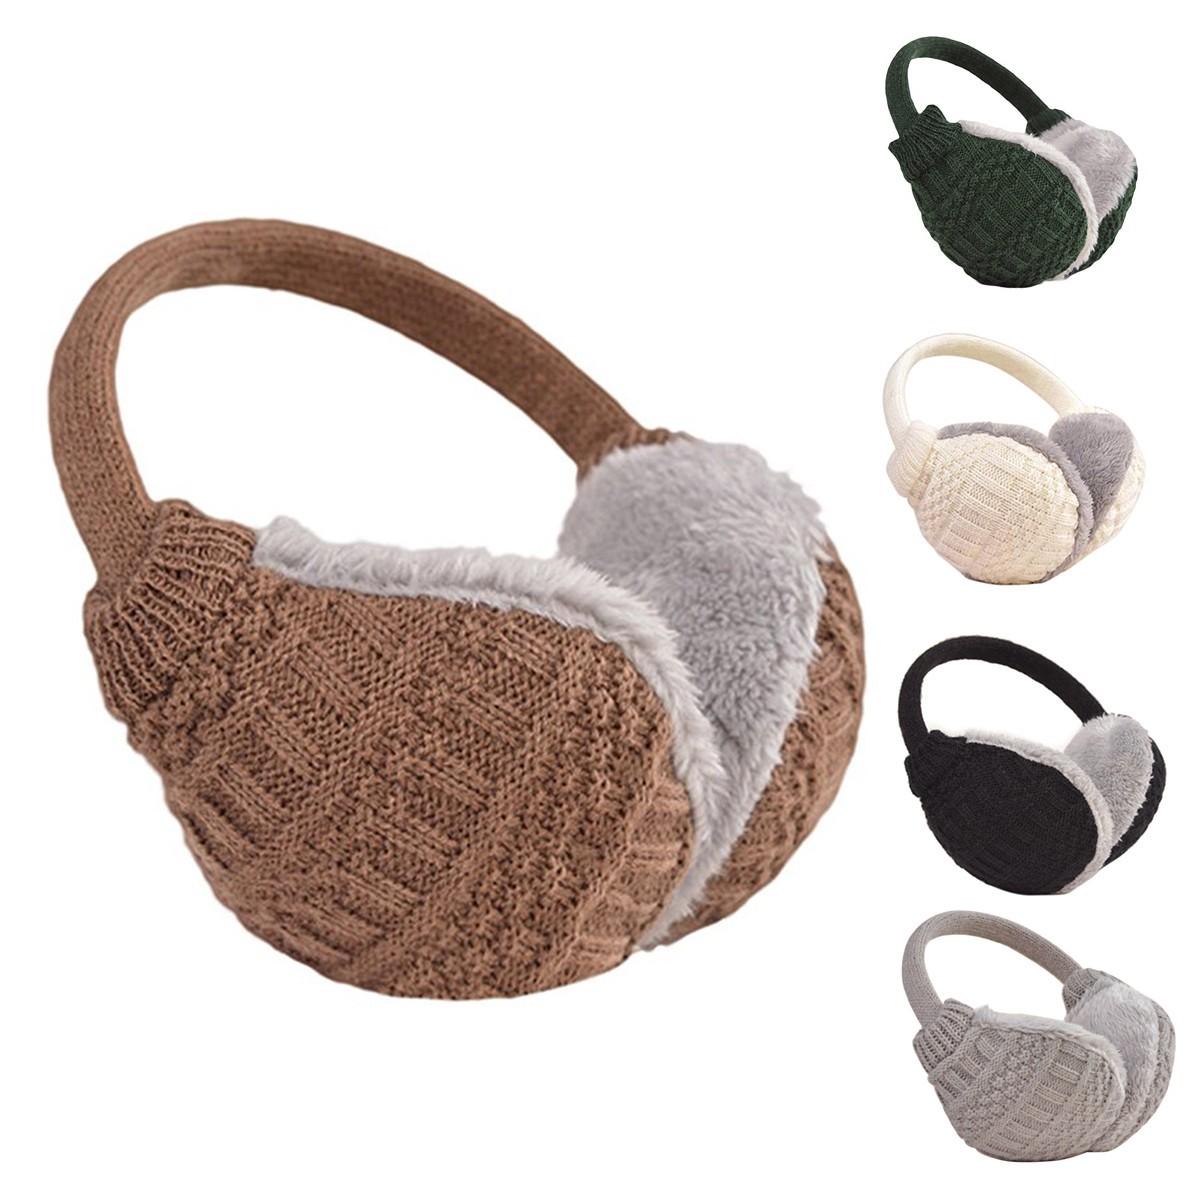 winter earmuffs for women warm unisex ear muffs winter ear. Black Bedroom Furniture Sets. Home Design Ideas